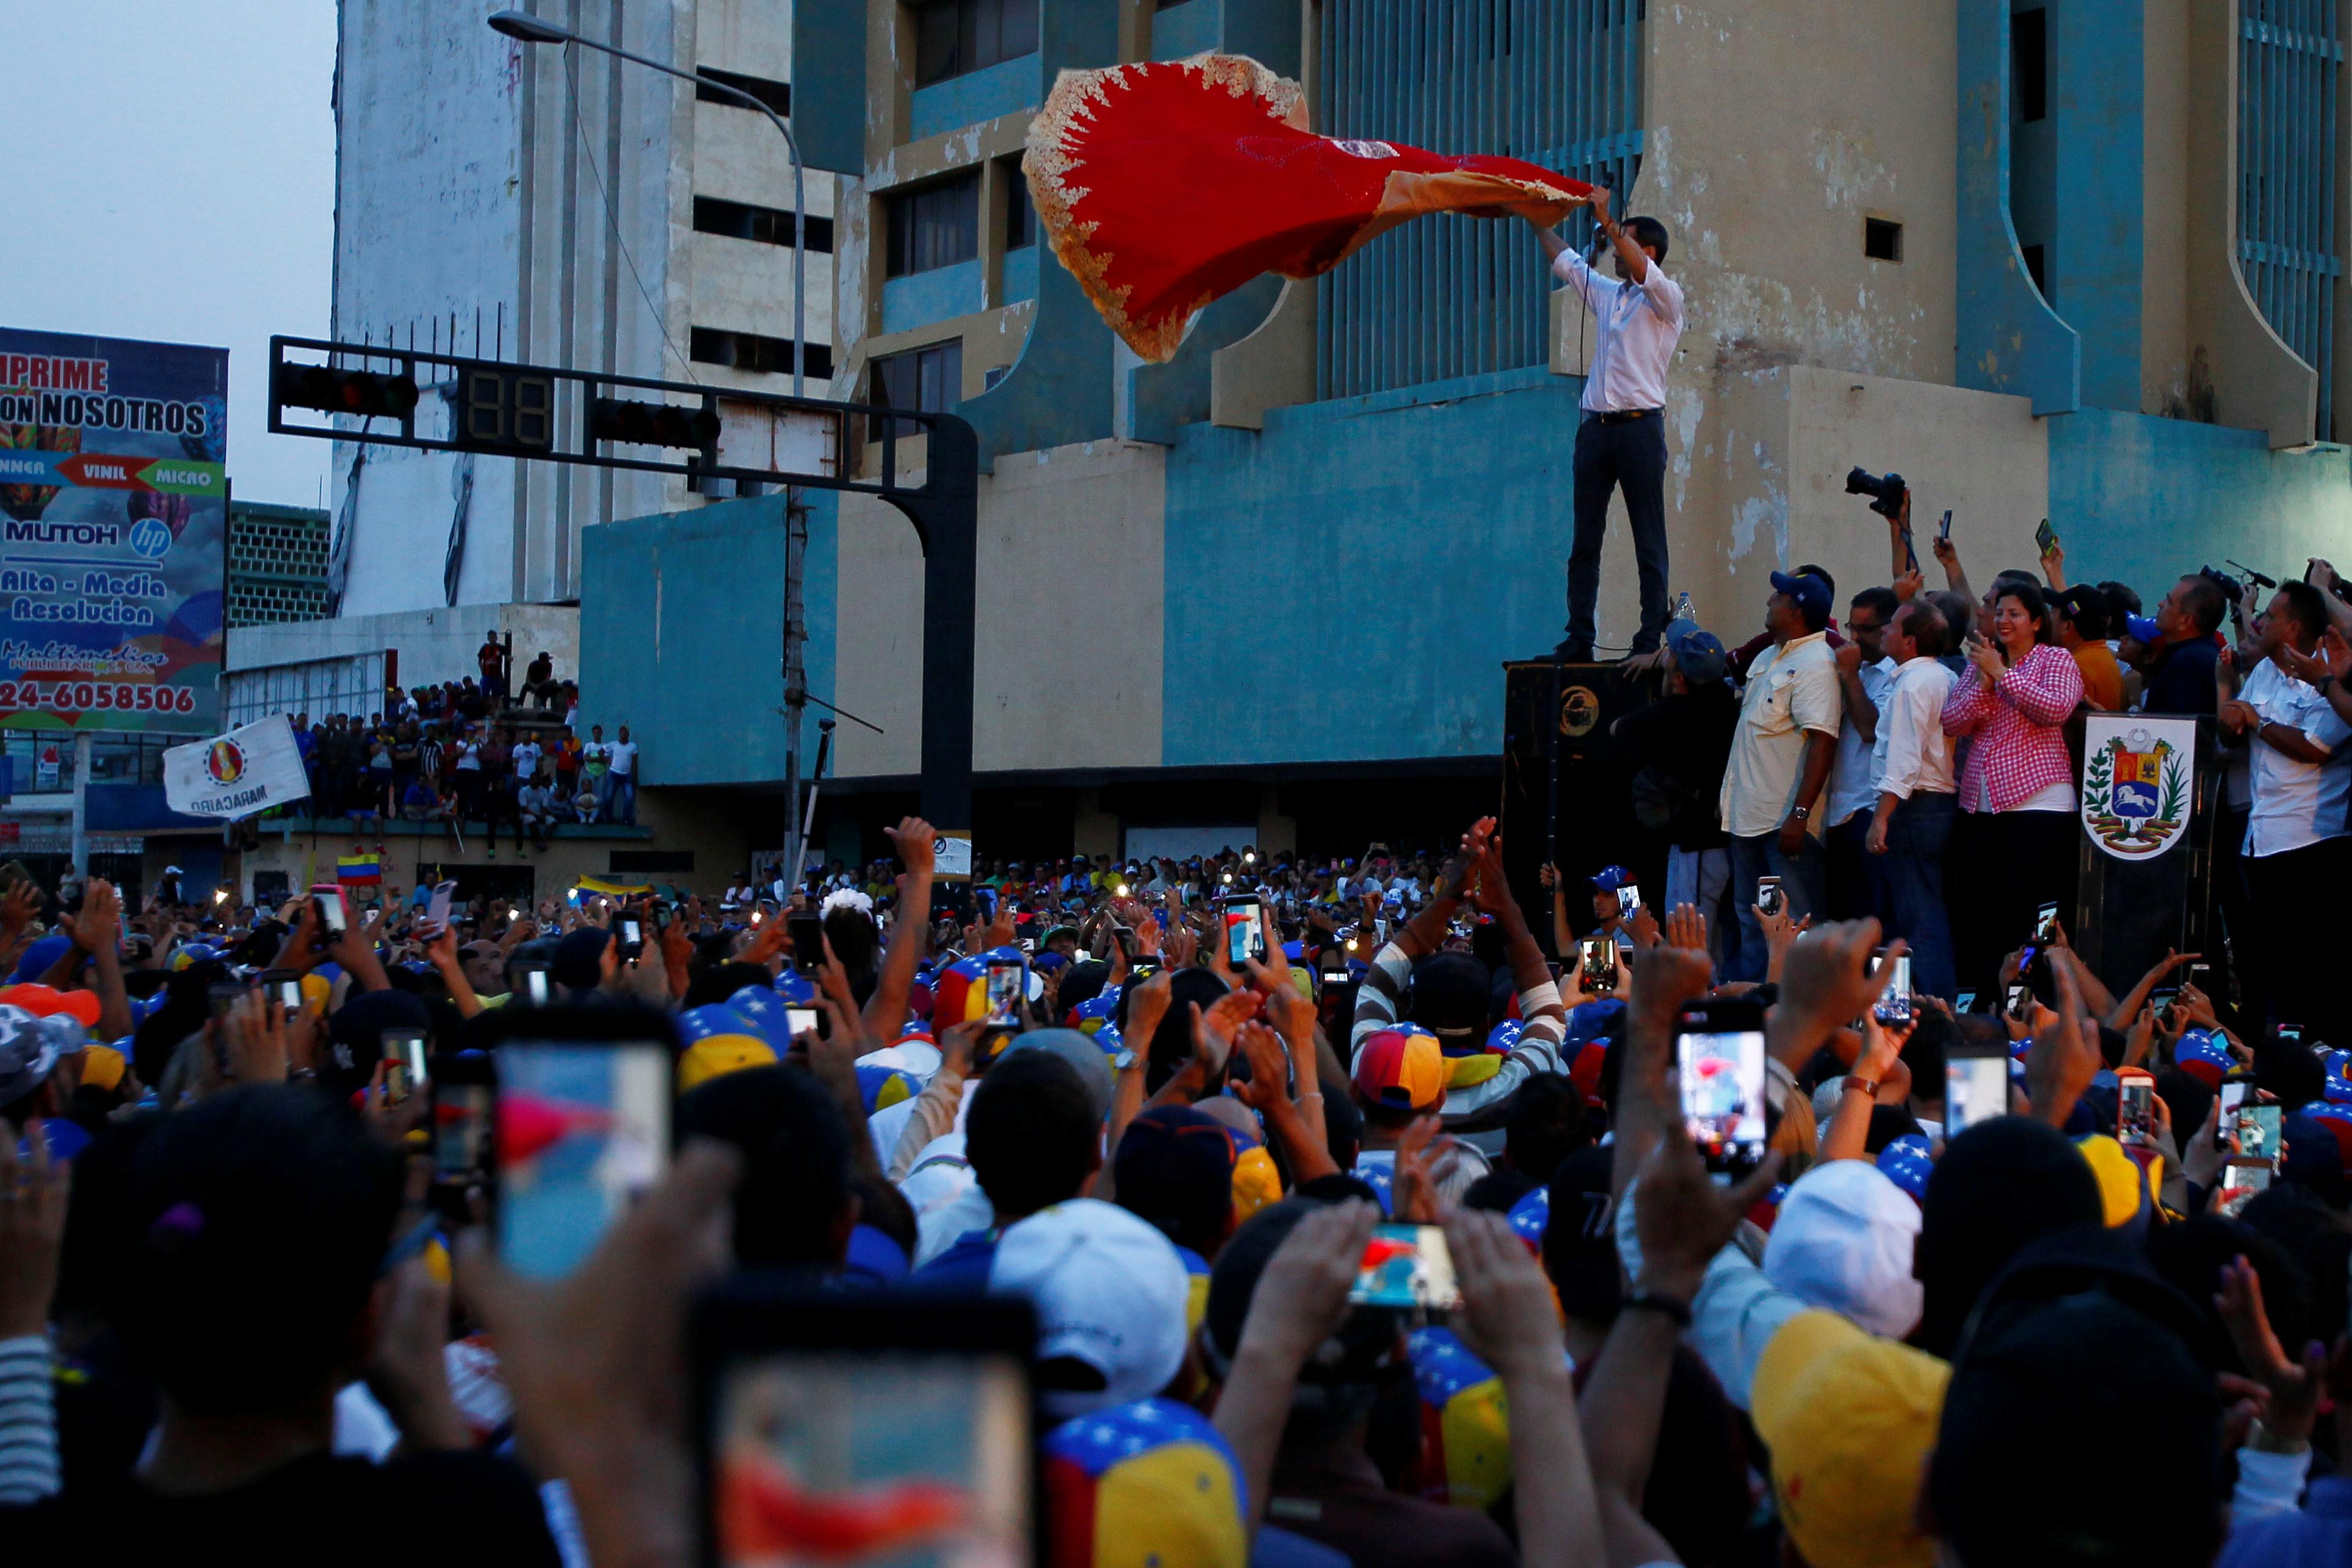 زعيم المعارضة الفنزويلية جوايدو يشارك في مظاهرة خلال زيارته لماراكايبو 18